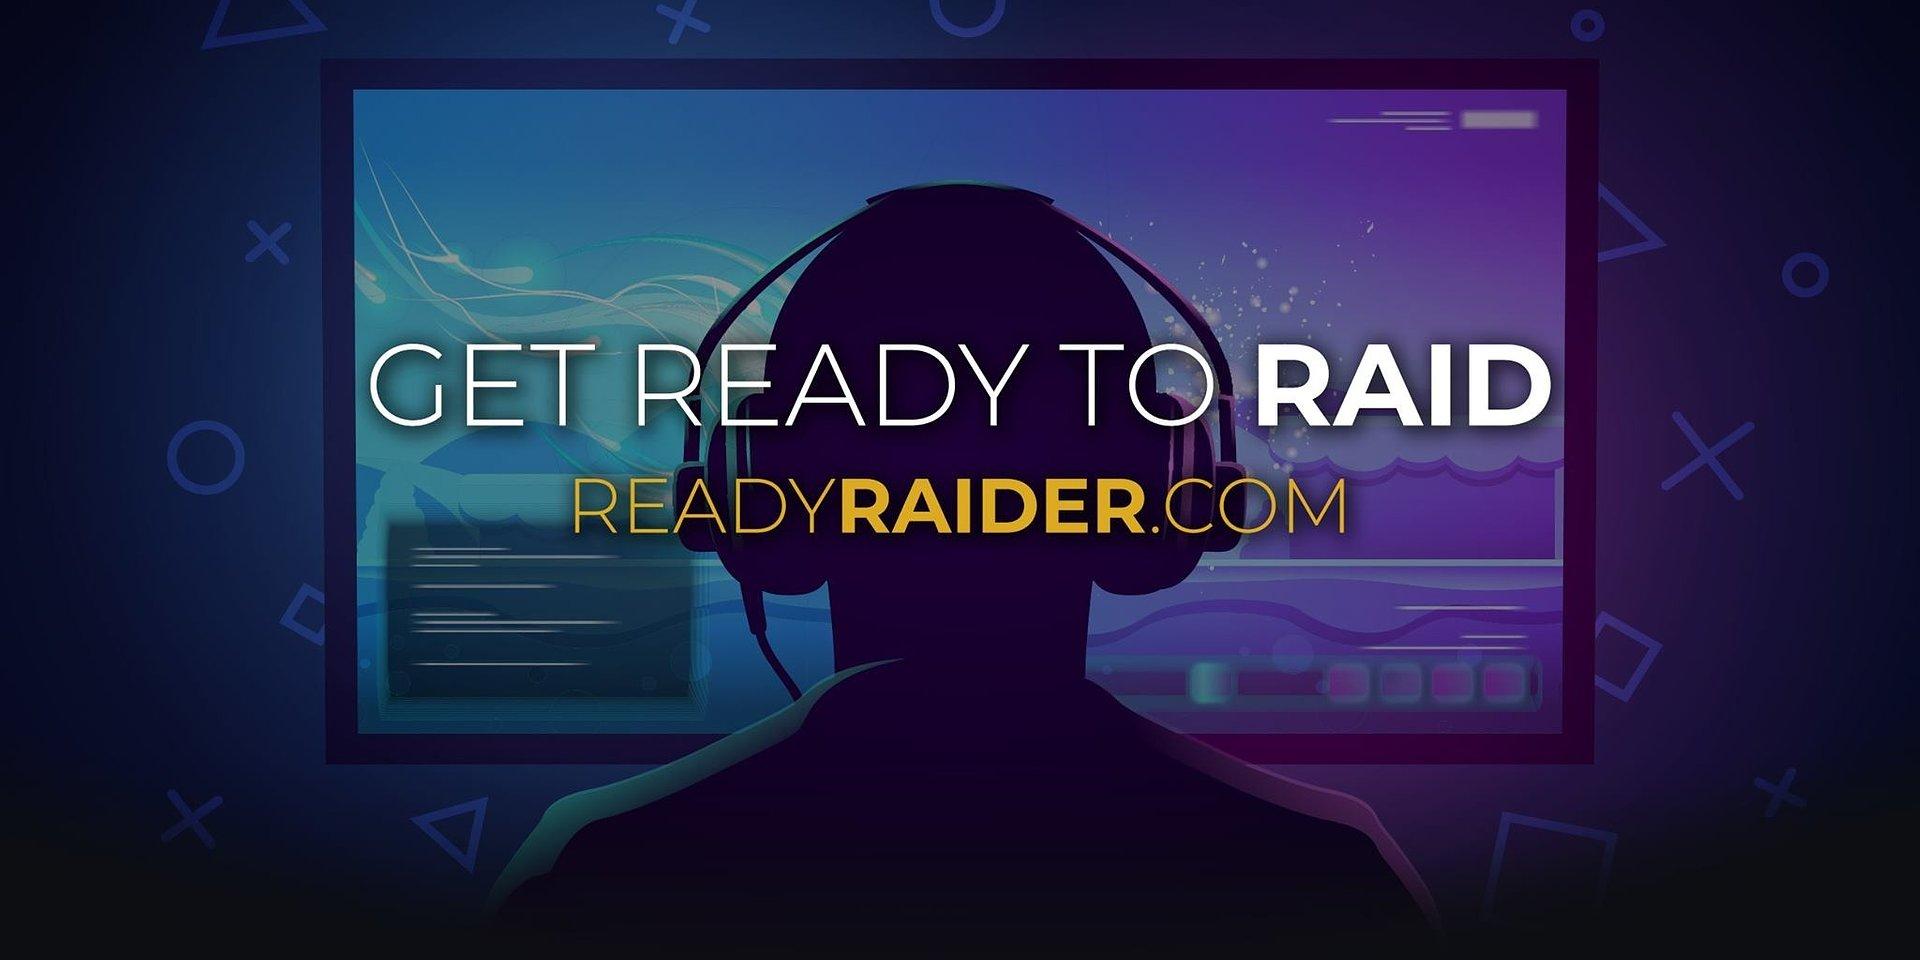 Die eSports-Plattform ReadyRaider arbeitet mit Dash als exklusiver Zahlungsmethode zusammen